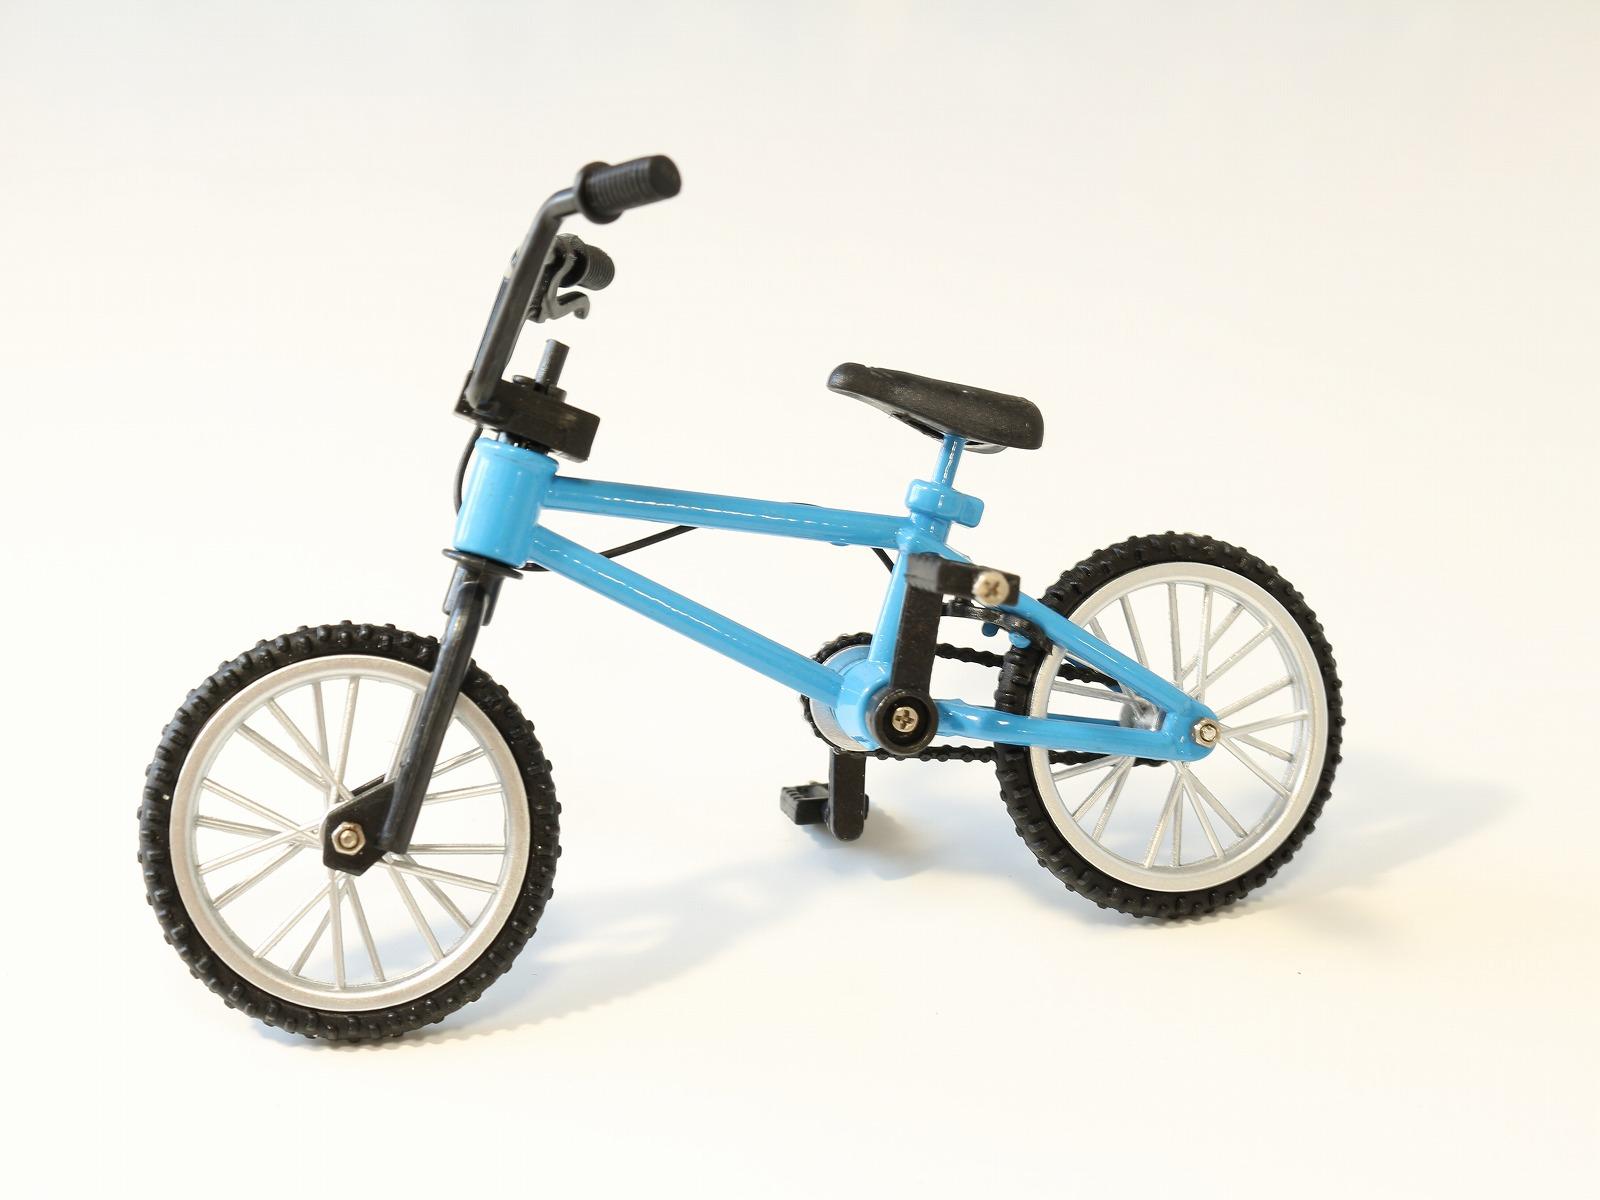 直輸入品激安 ミニチュア自転車の模型 スポーティな造形が人気のBMXタイプです ミニチュア 自転車 オビツ11 ドール 雑貨 模型 小径自転車 BMX 自転車激安 自転車ミニチュア 自転車模型 ミニチュア雑貨 ミニバイク 新作続 ブルー